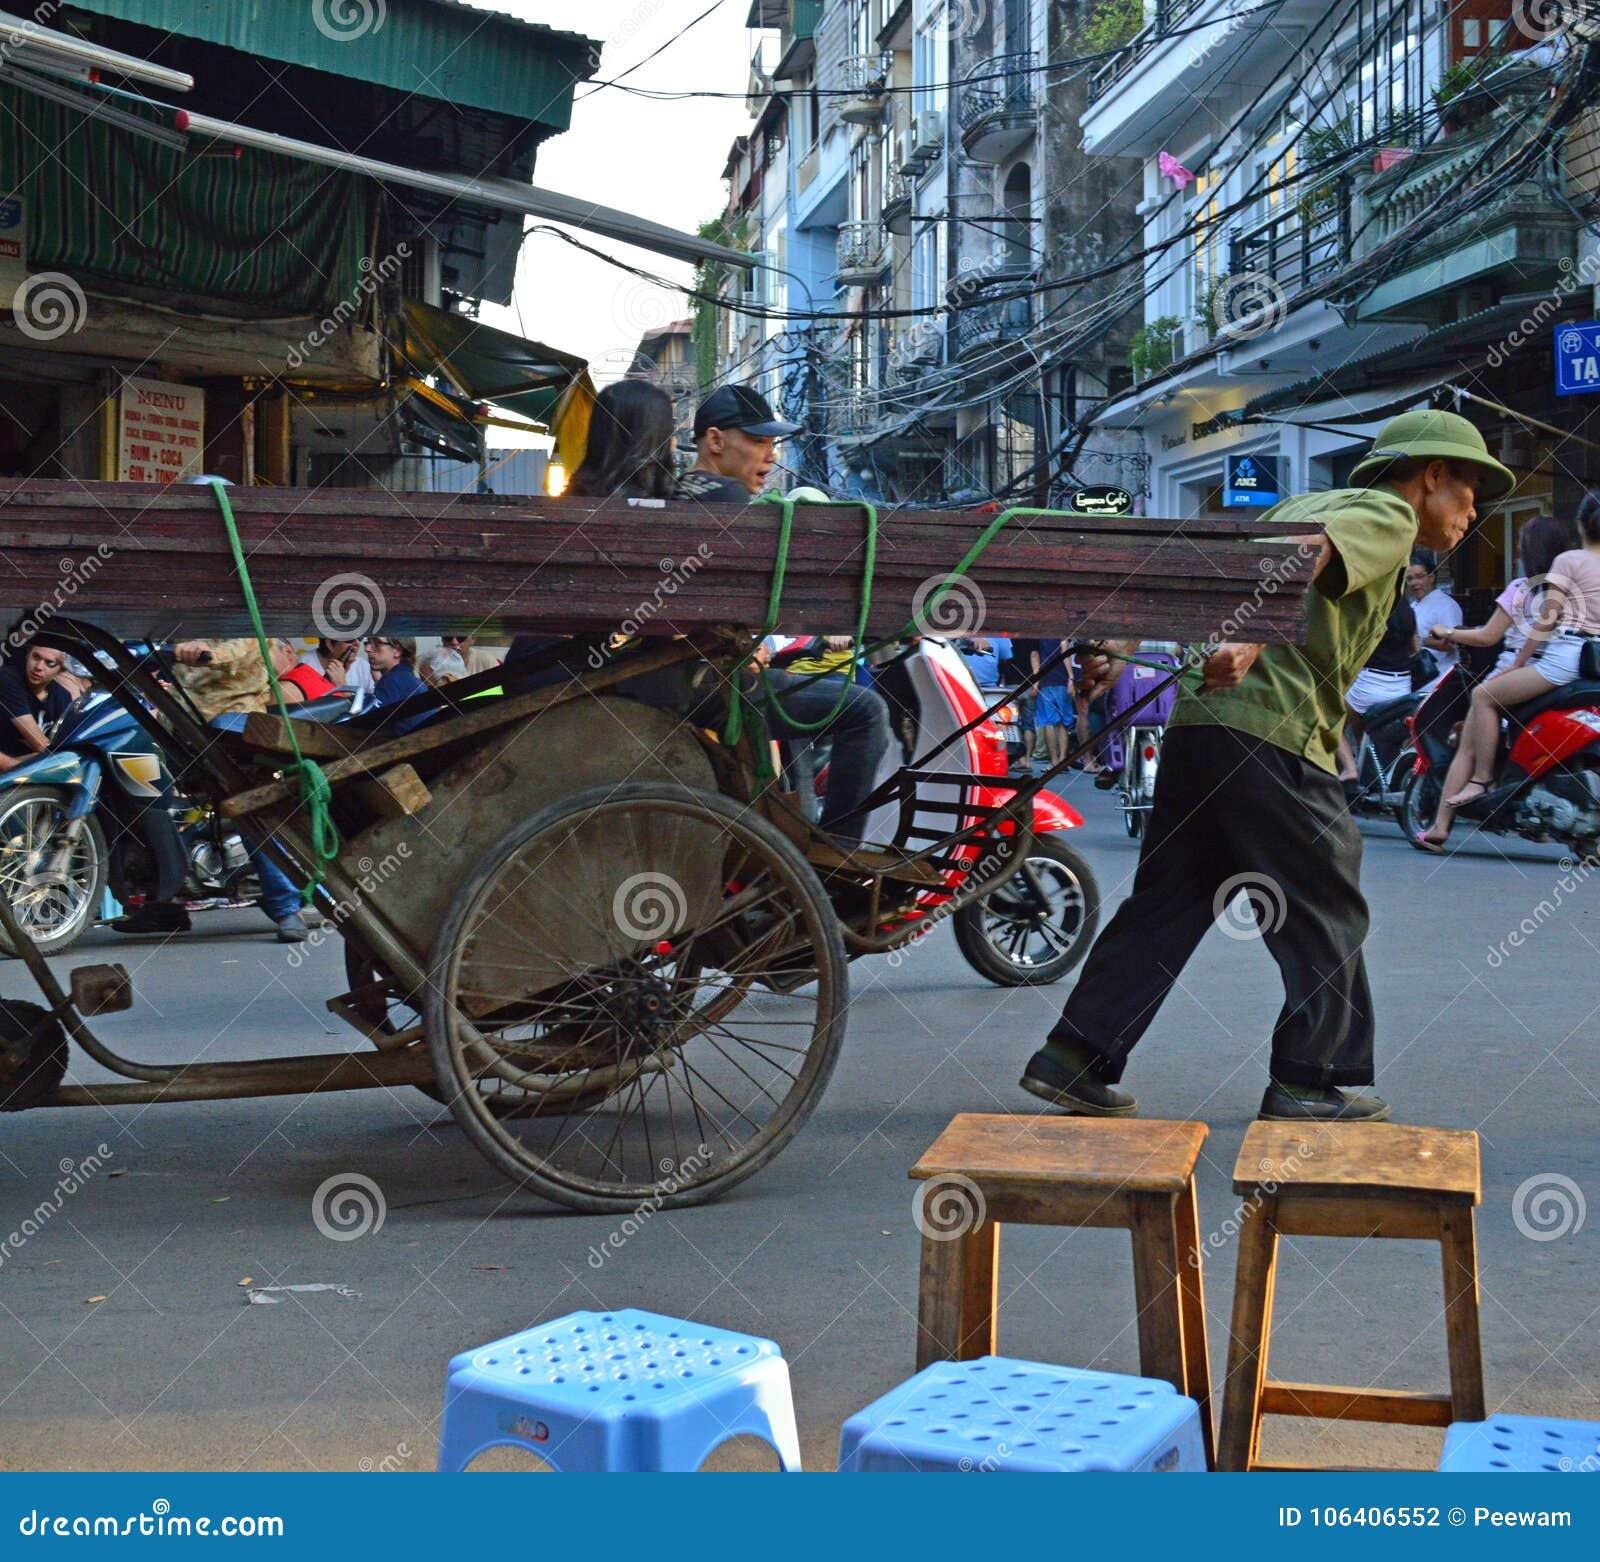 Vietnam - Hanoi - typical street scene from the Old Quarter - man pulling rickshaw full of metal